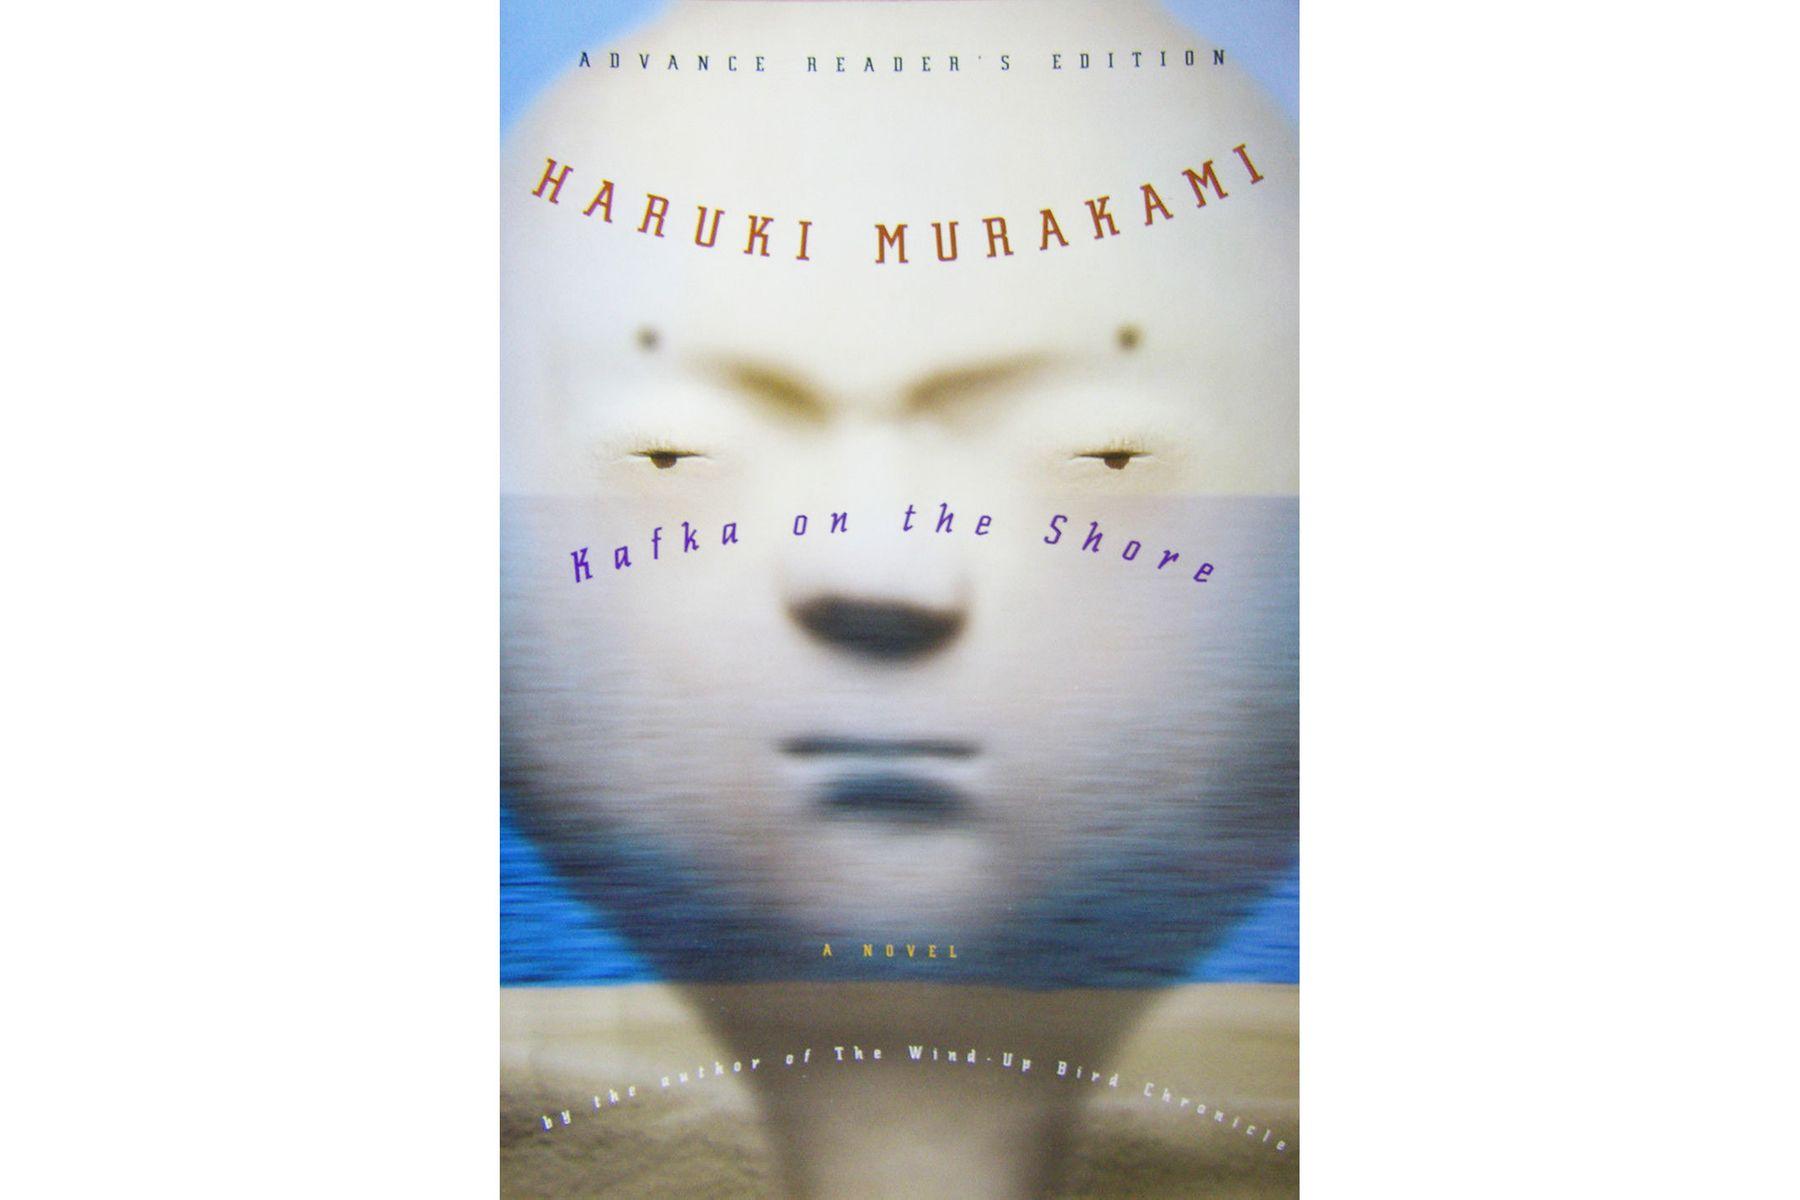 Haruki Murakami Book Covers: The Stories Behind Them